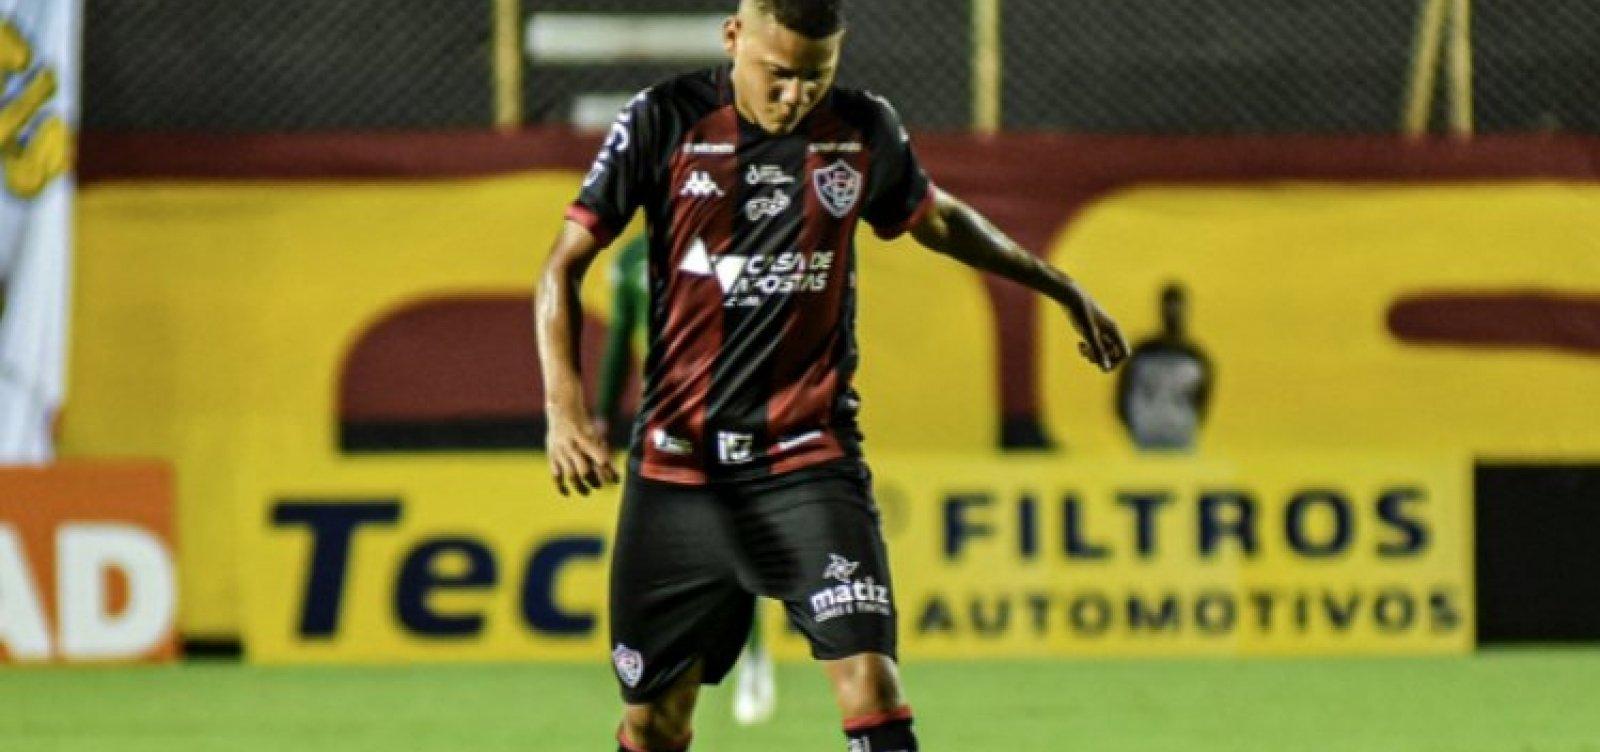 Vitória volta a vencer na Série B e bate Figueirense no Barradão